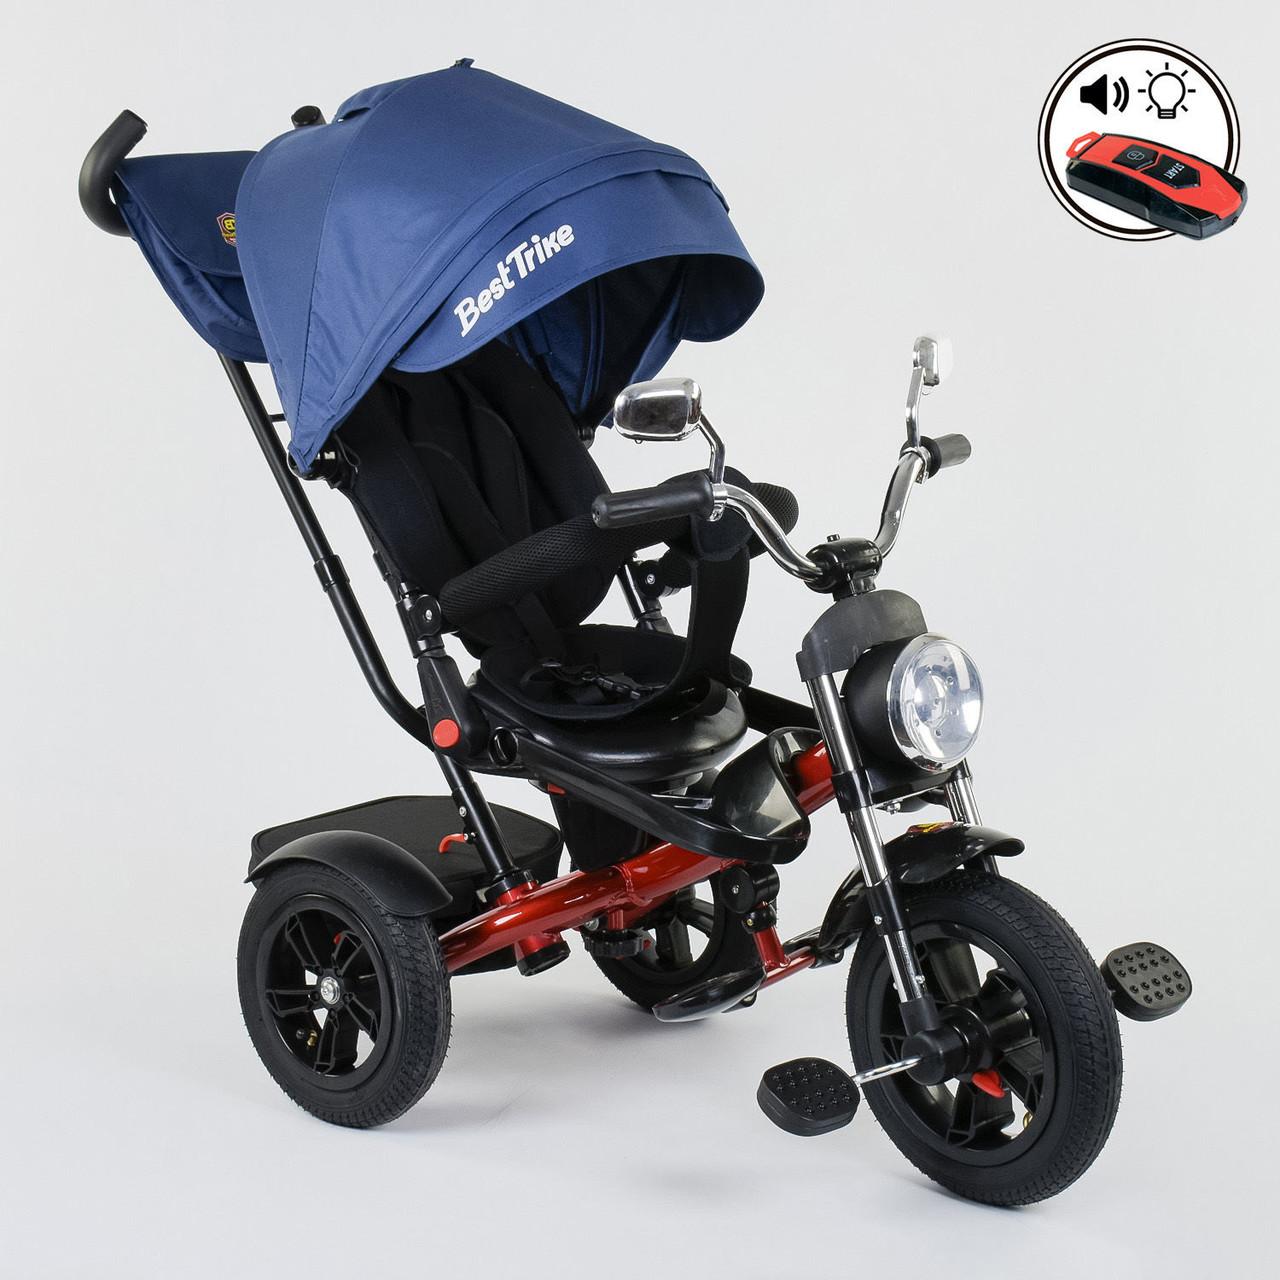 f94845c8c07b8 Детский трехколесный велосипед Best Trike 4490-9037 Гарантия качества Бесплатная  доставка - KIDSas магазин-